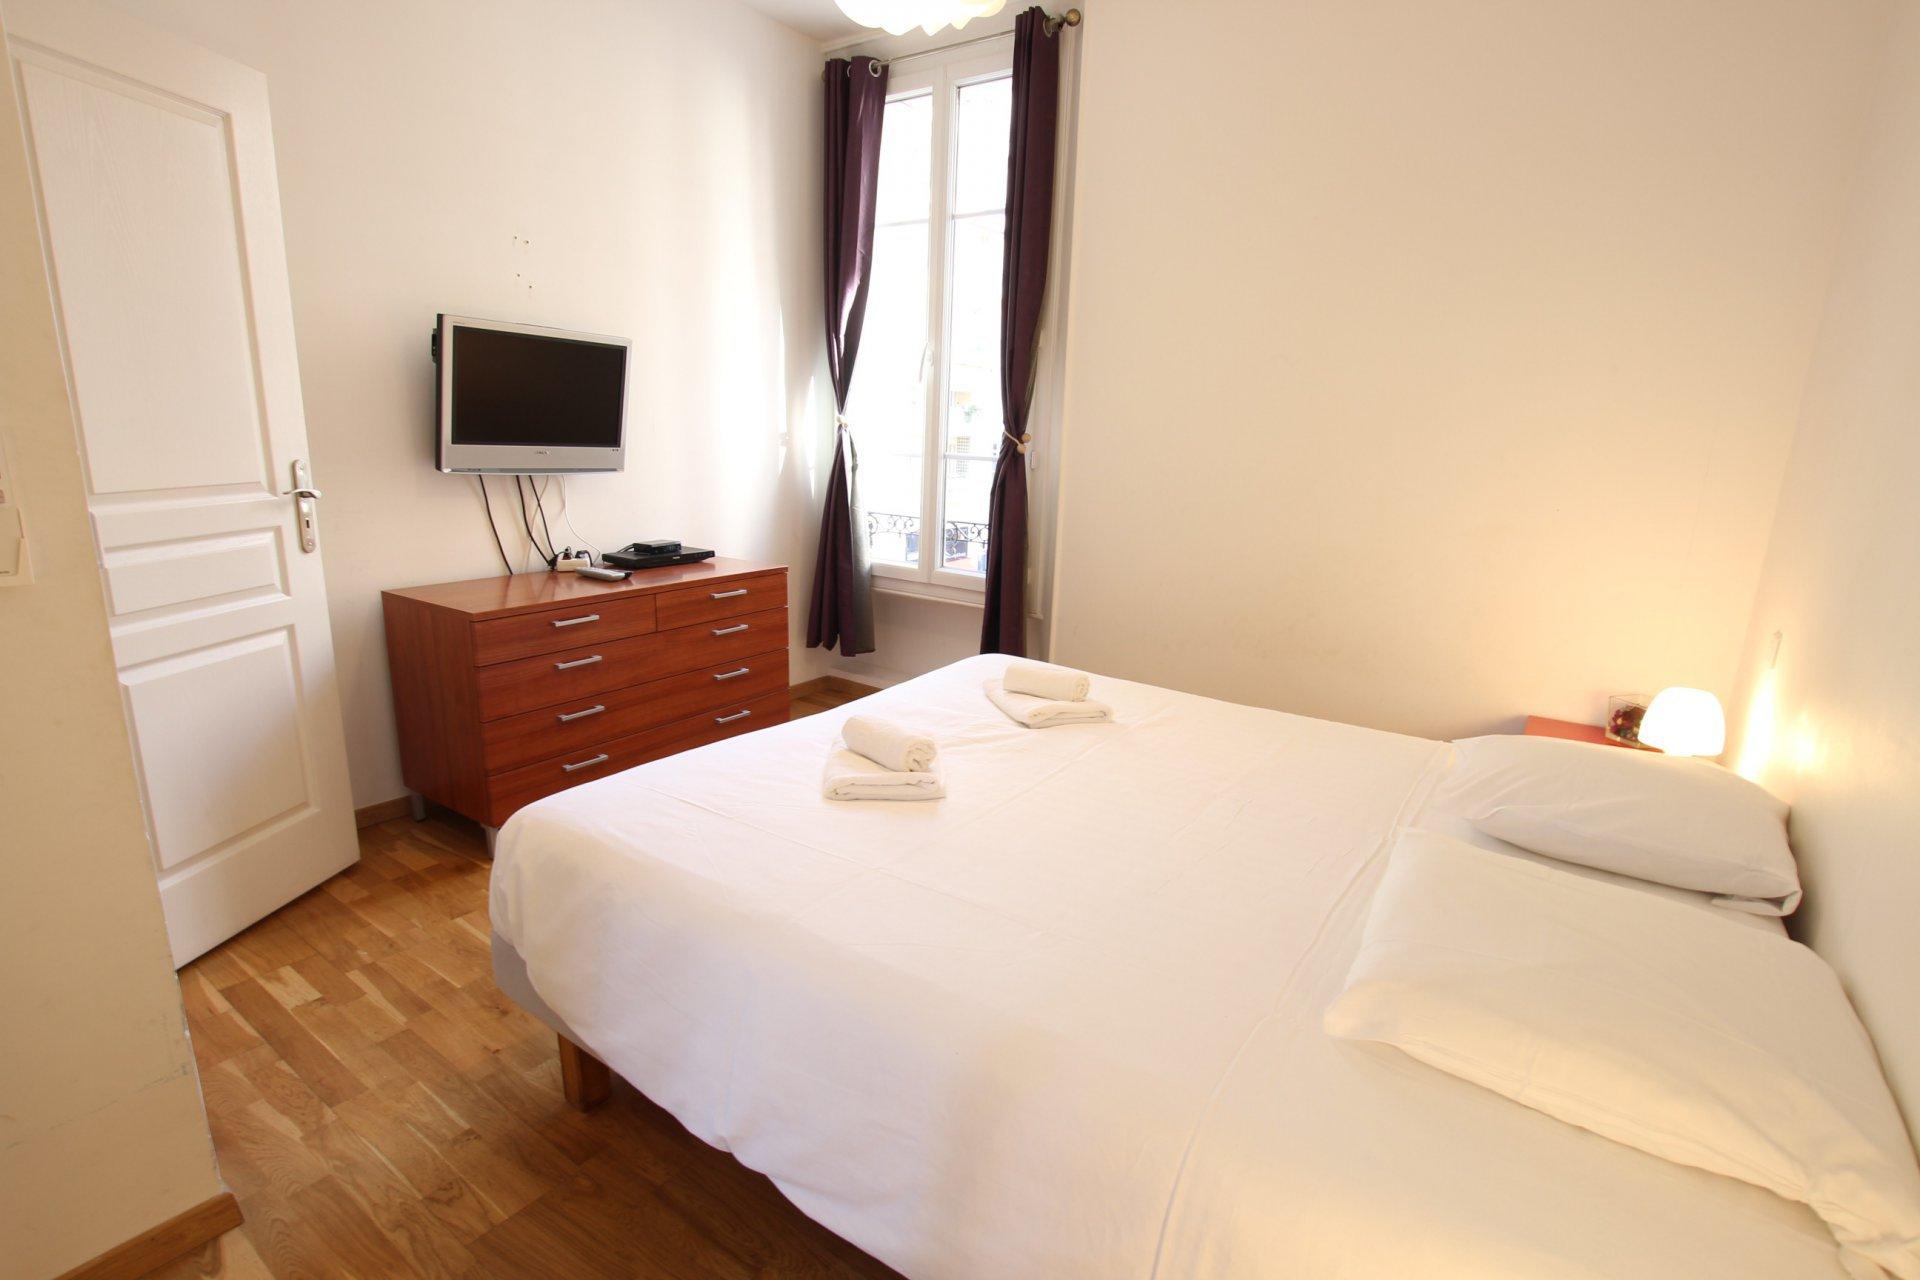 2 bedrooms (sleeps 6) Seaside